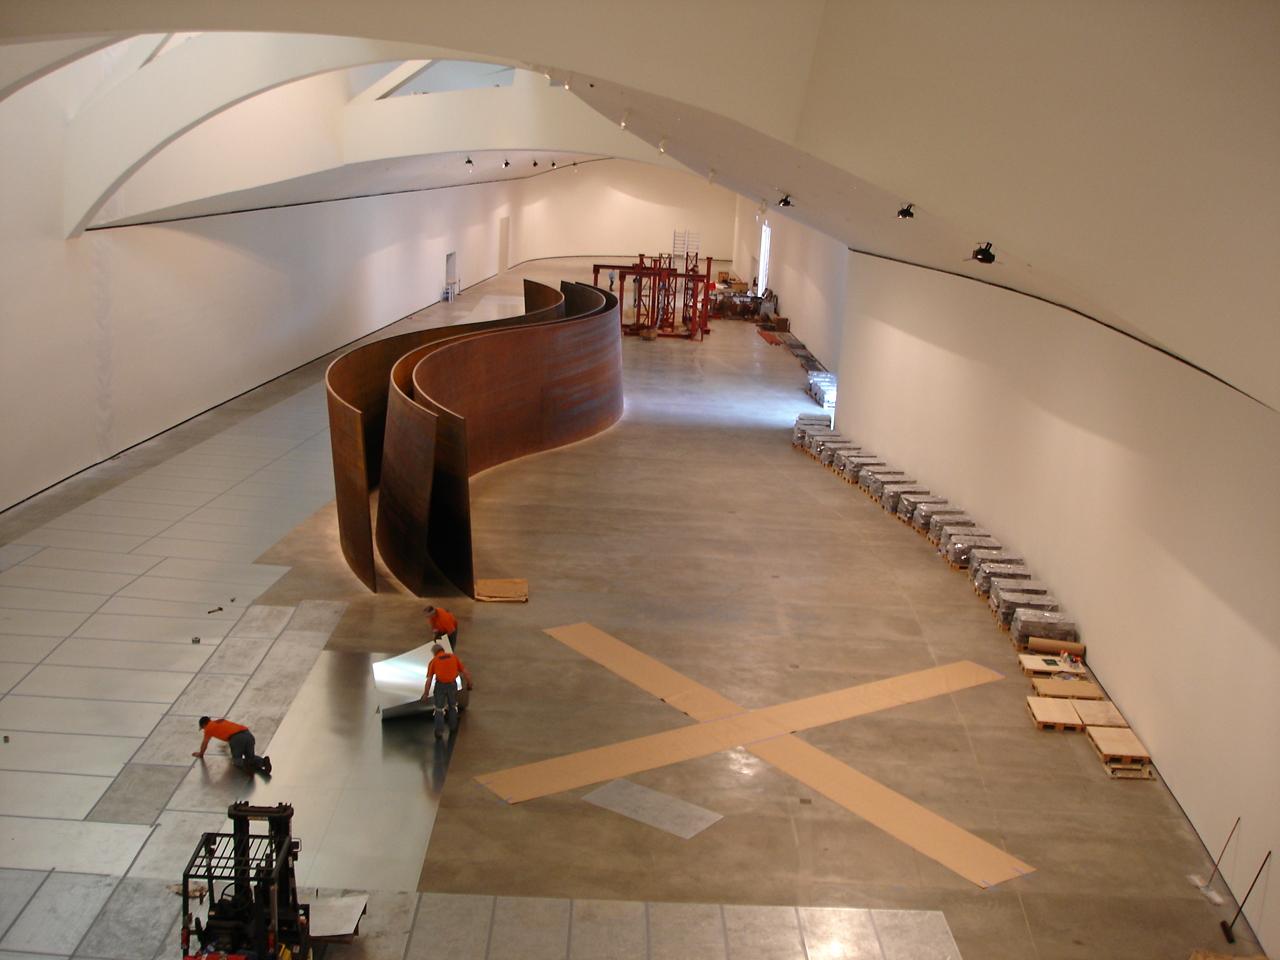 Inicio del montaje de la obra en el Museo | La materia del tiempo | Guggenheim Bilbao Museoa